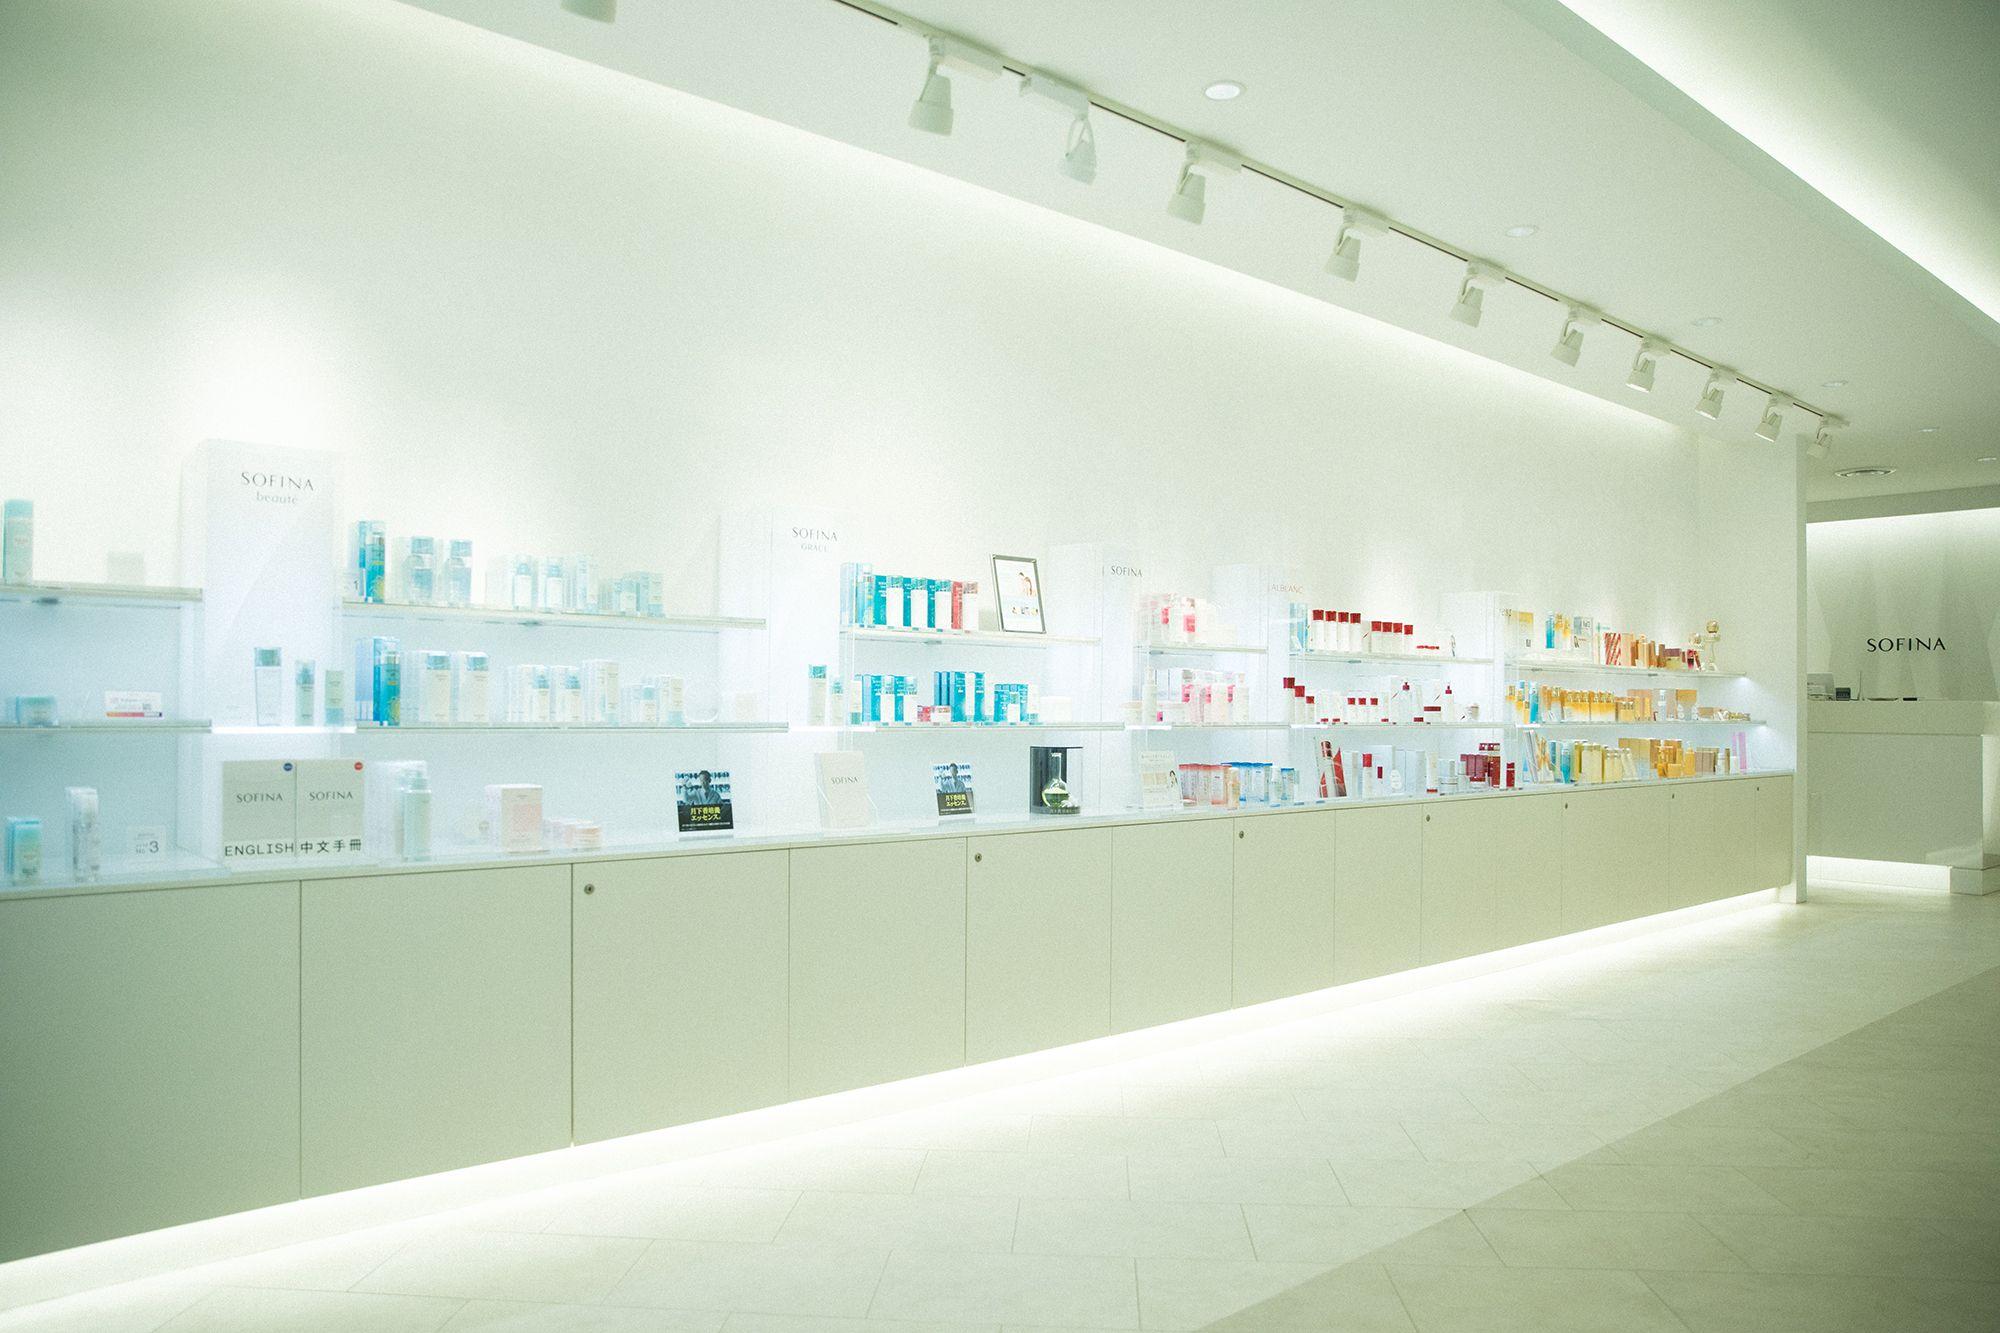 在銀座還有可以採購SOFINA化妝品的店鋪。在這裡,肌膚的快速診斷無需預約。